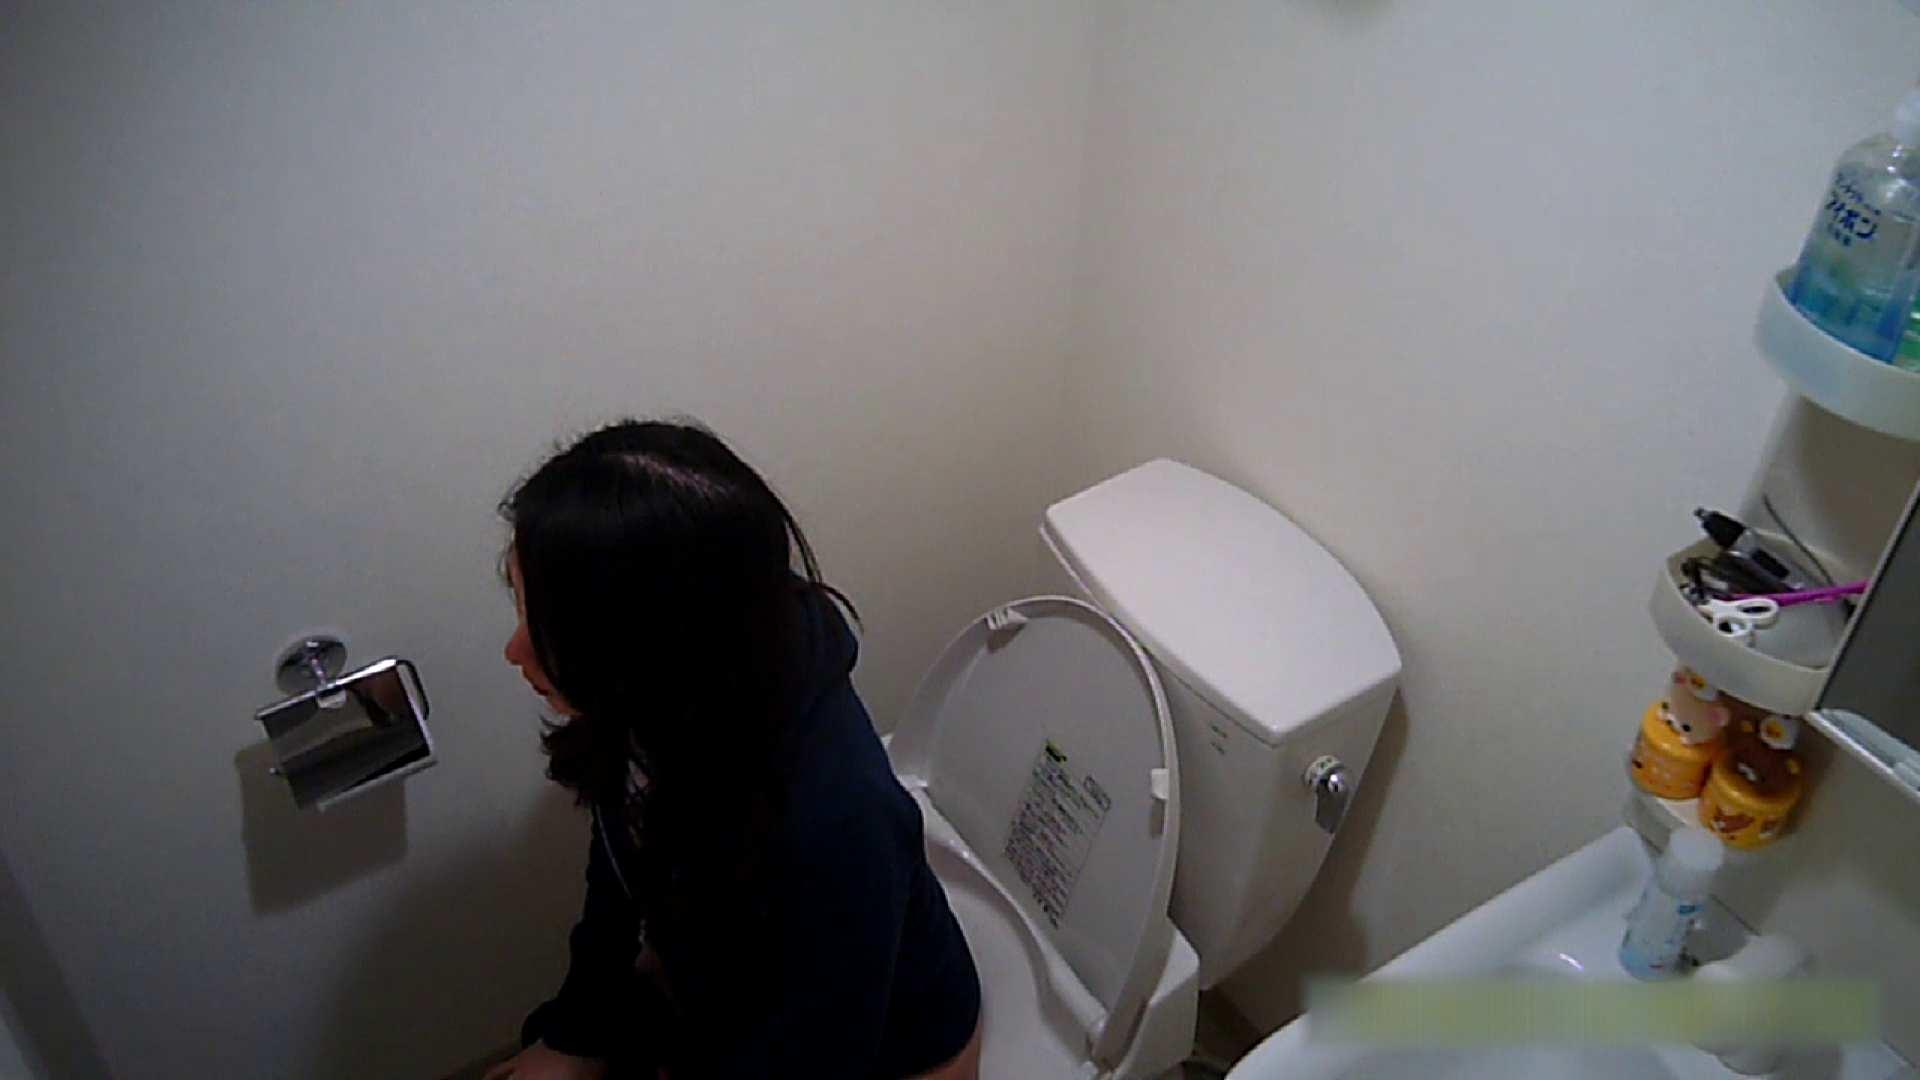 無修正エロ動画 清楚な顔してかなり敏感なE子25歳(仮名)Vol.04 トイレ編 怪盗ジョーカー